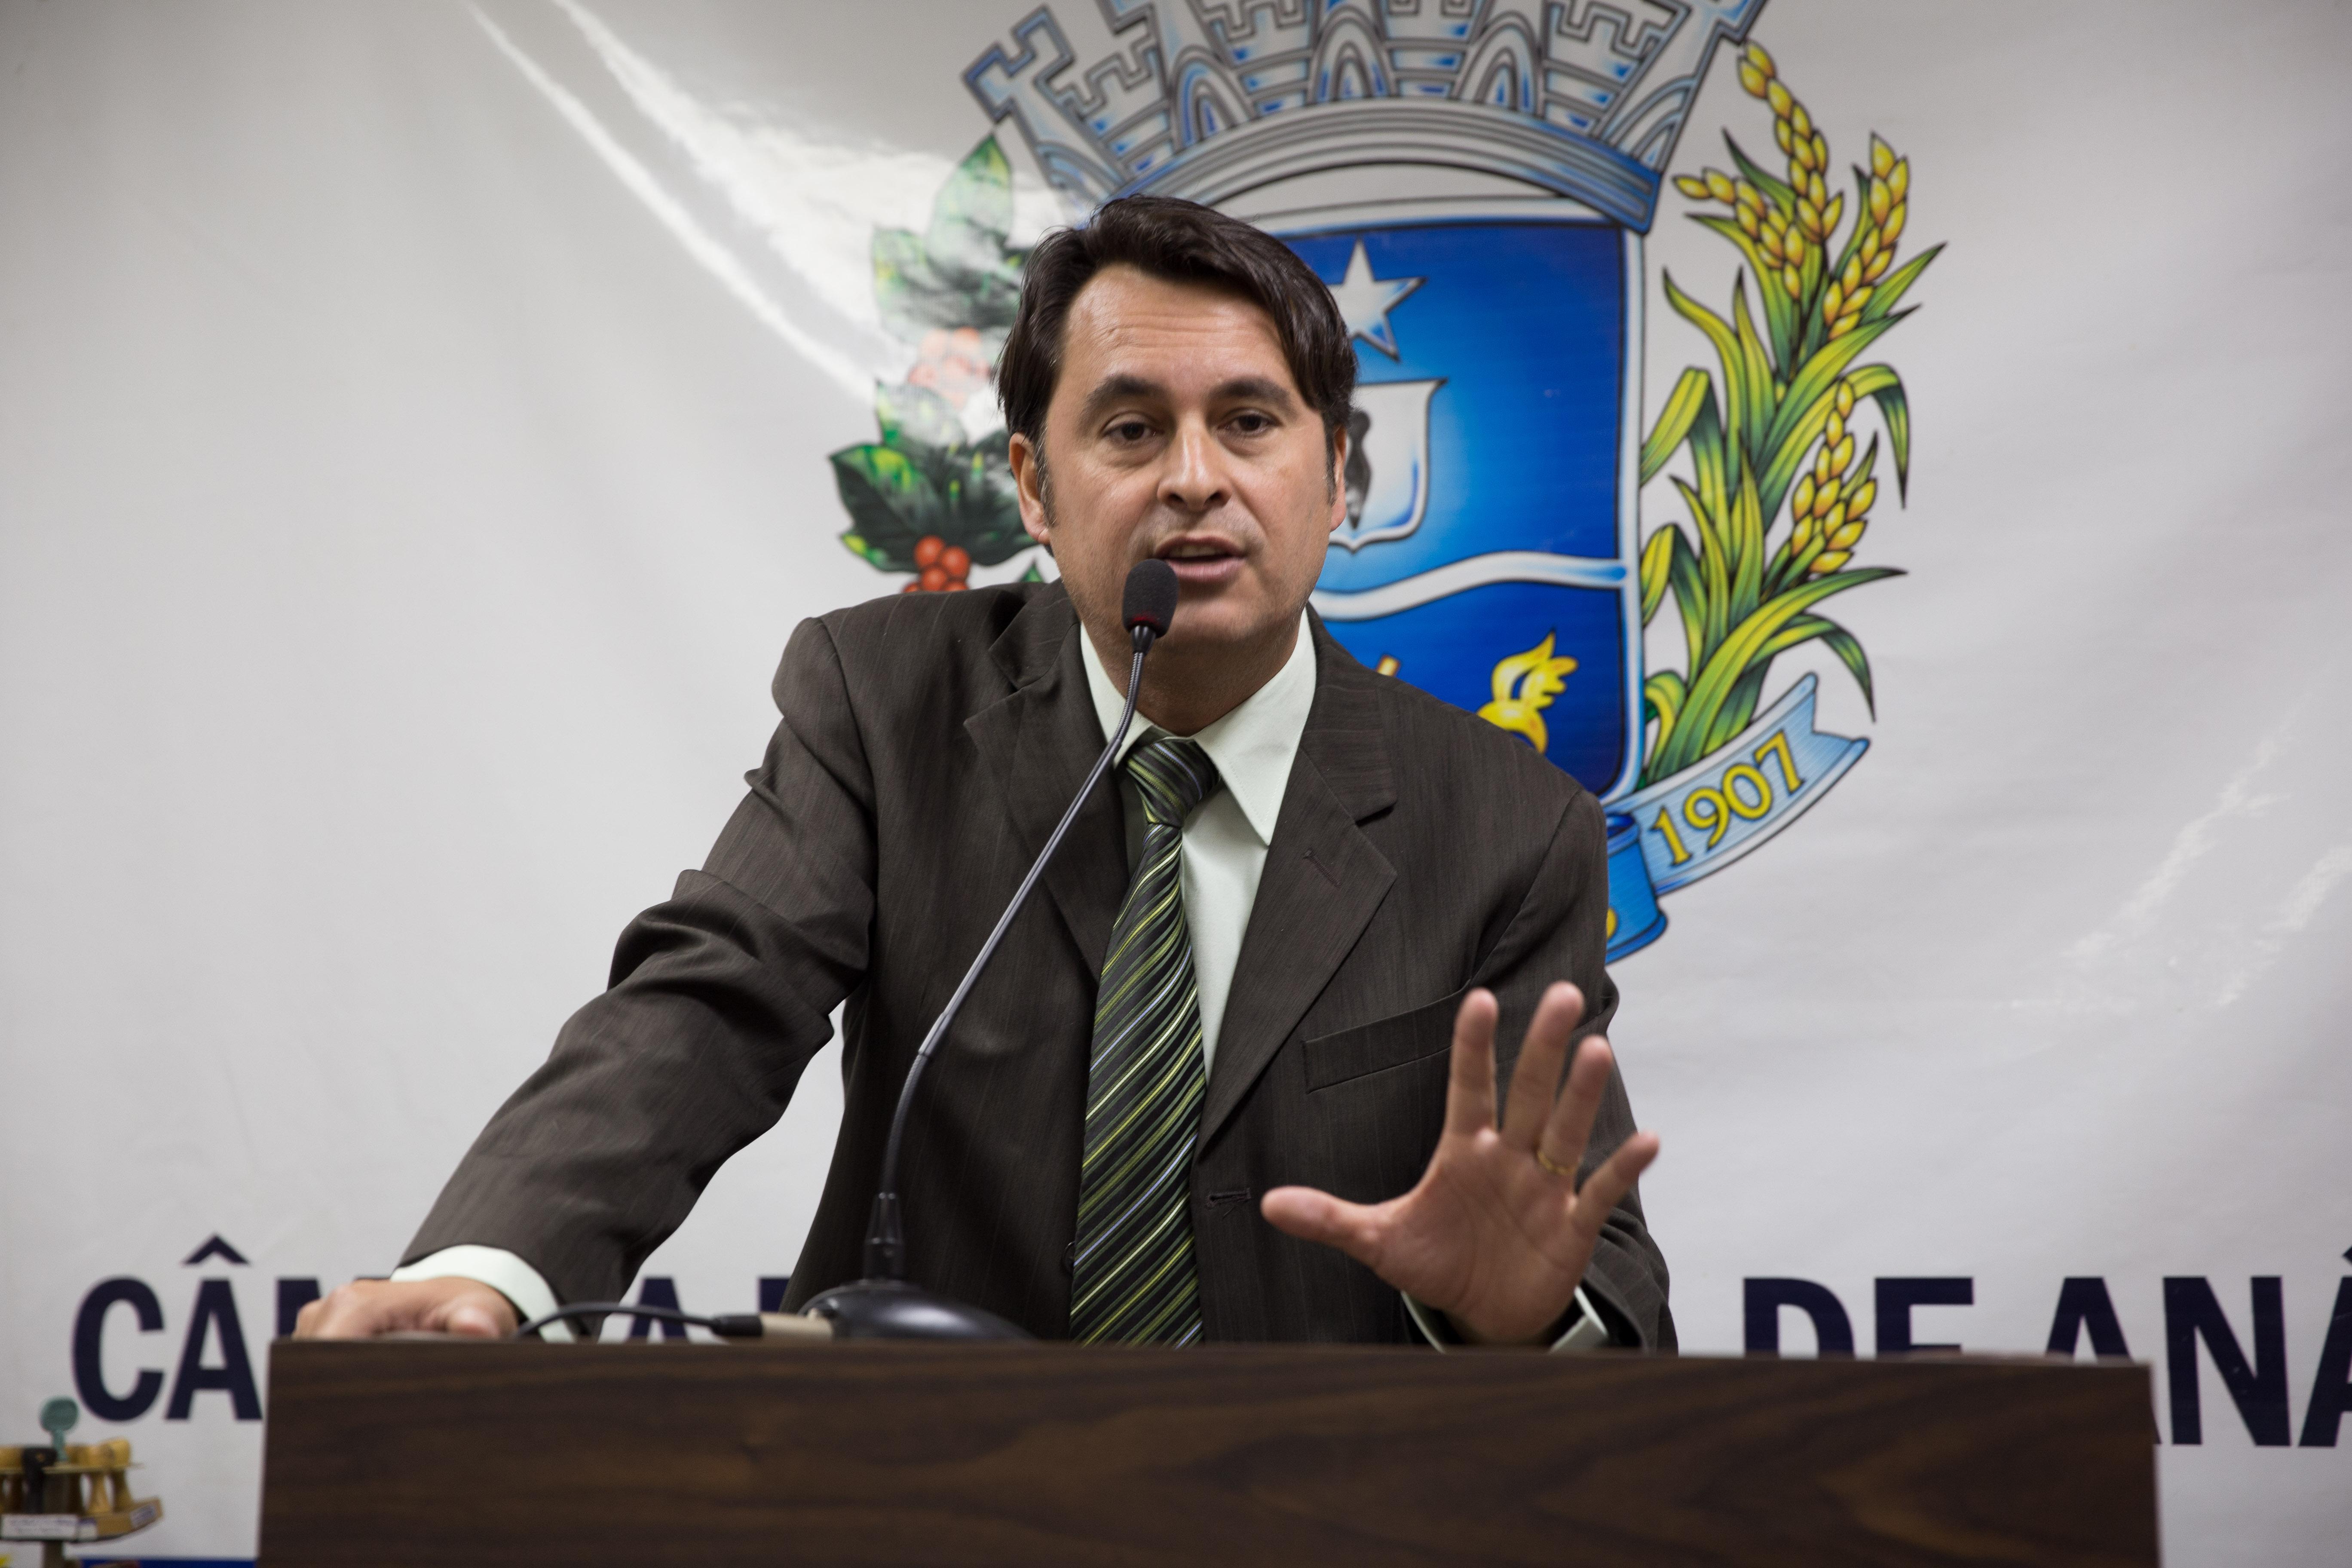 Jean Carlos reafirma luta por reajustes no serviço público de roçagem de lotes